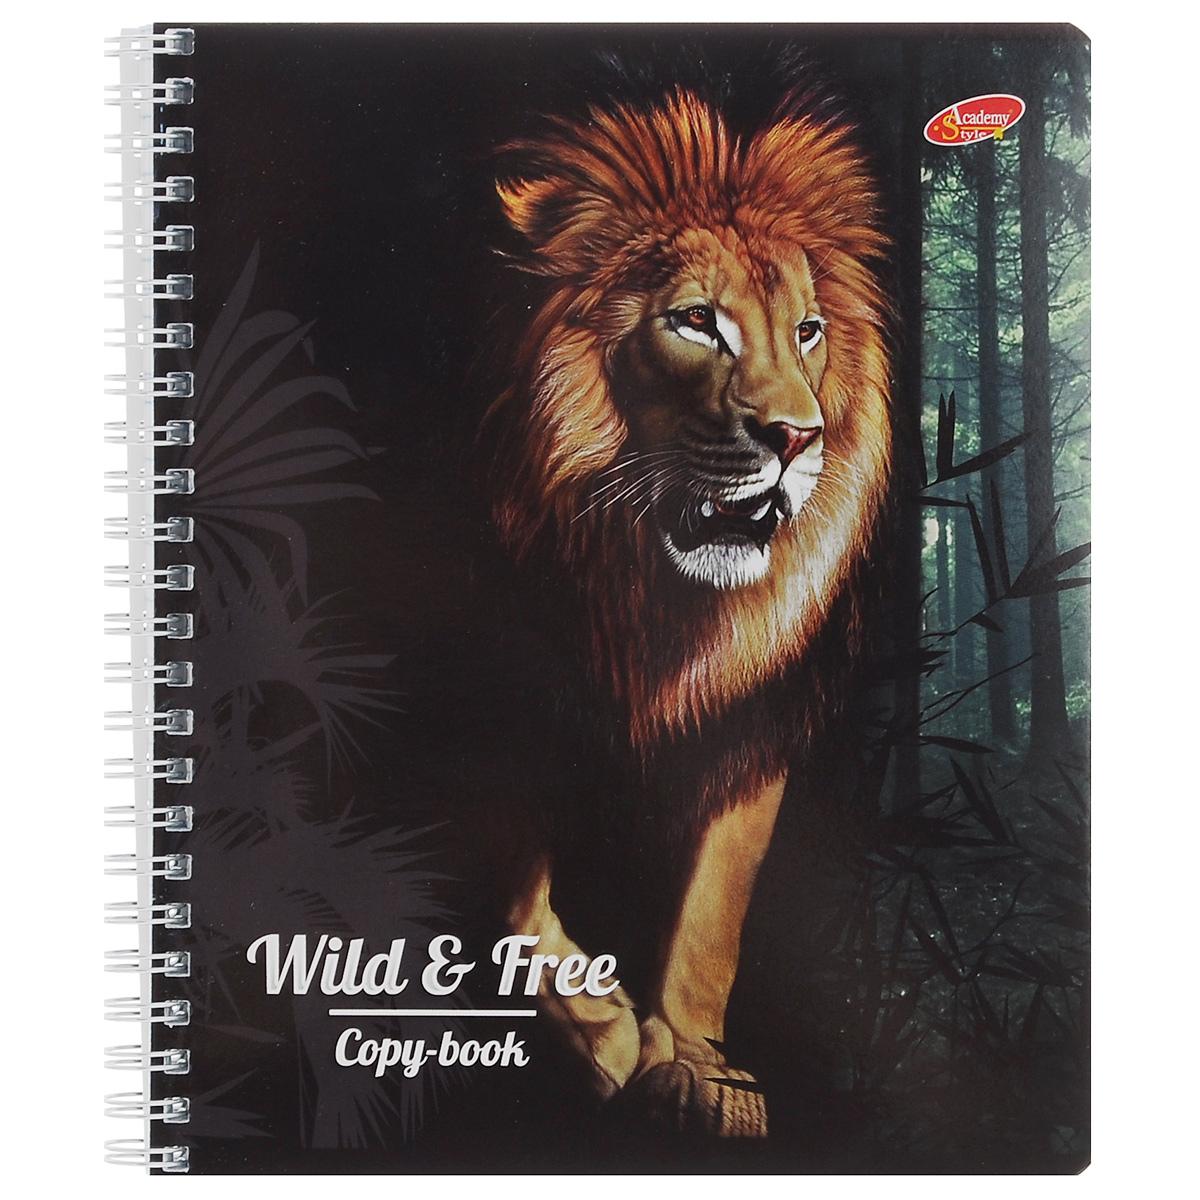 Тетрадь Wild & Free. Lion, цвет: черный, 96 листов7168/3_ЛевТетрадь Wild & Free. Lion с представителем дикой природы подойдет для любых работ и студенту, и школьнику. Обложка оформлена изображением льва и выполнена из мелованного картона с закругленными углами. Внутренний блок тетради состоит из 96 листов бумаги на гребне белого цвета. Все листы расчерчены в клетку без полей.